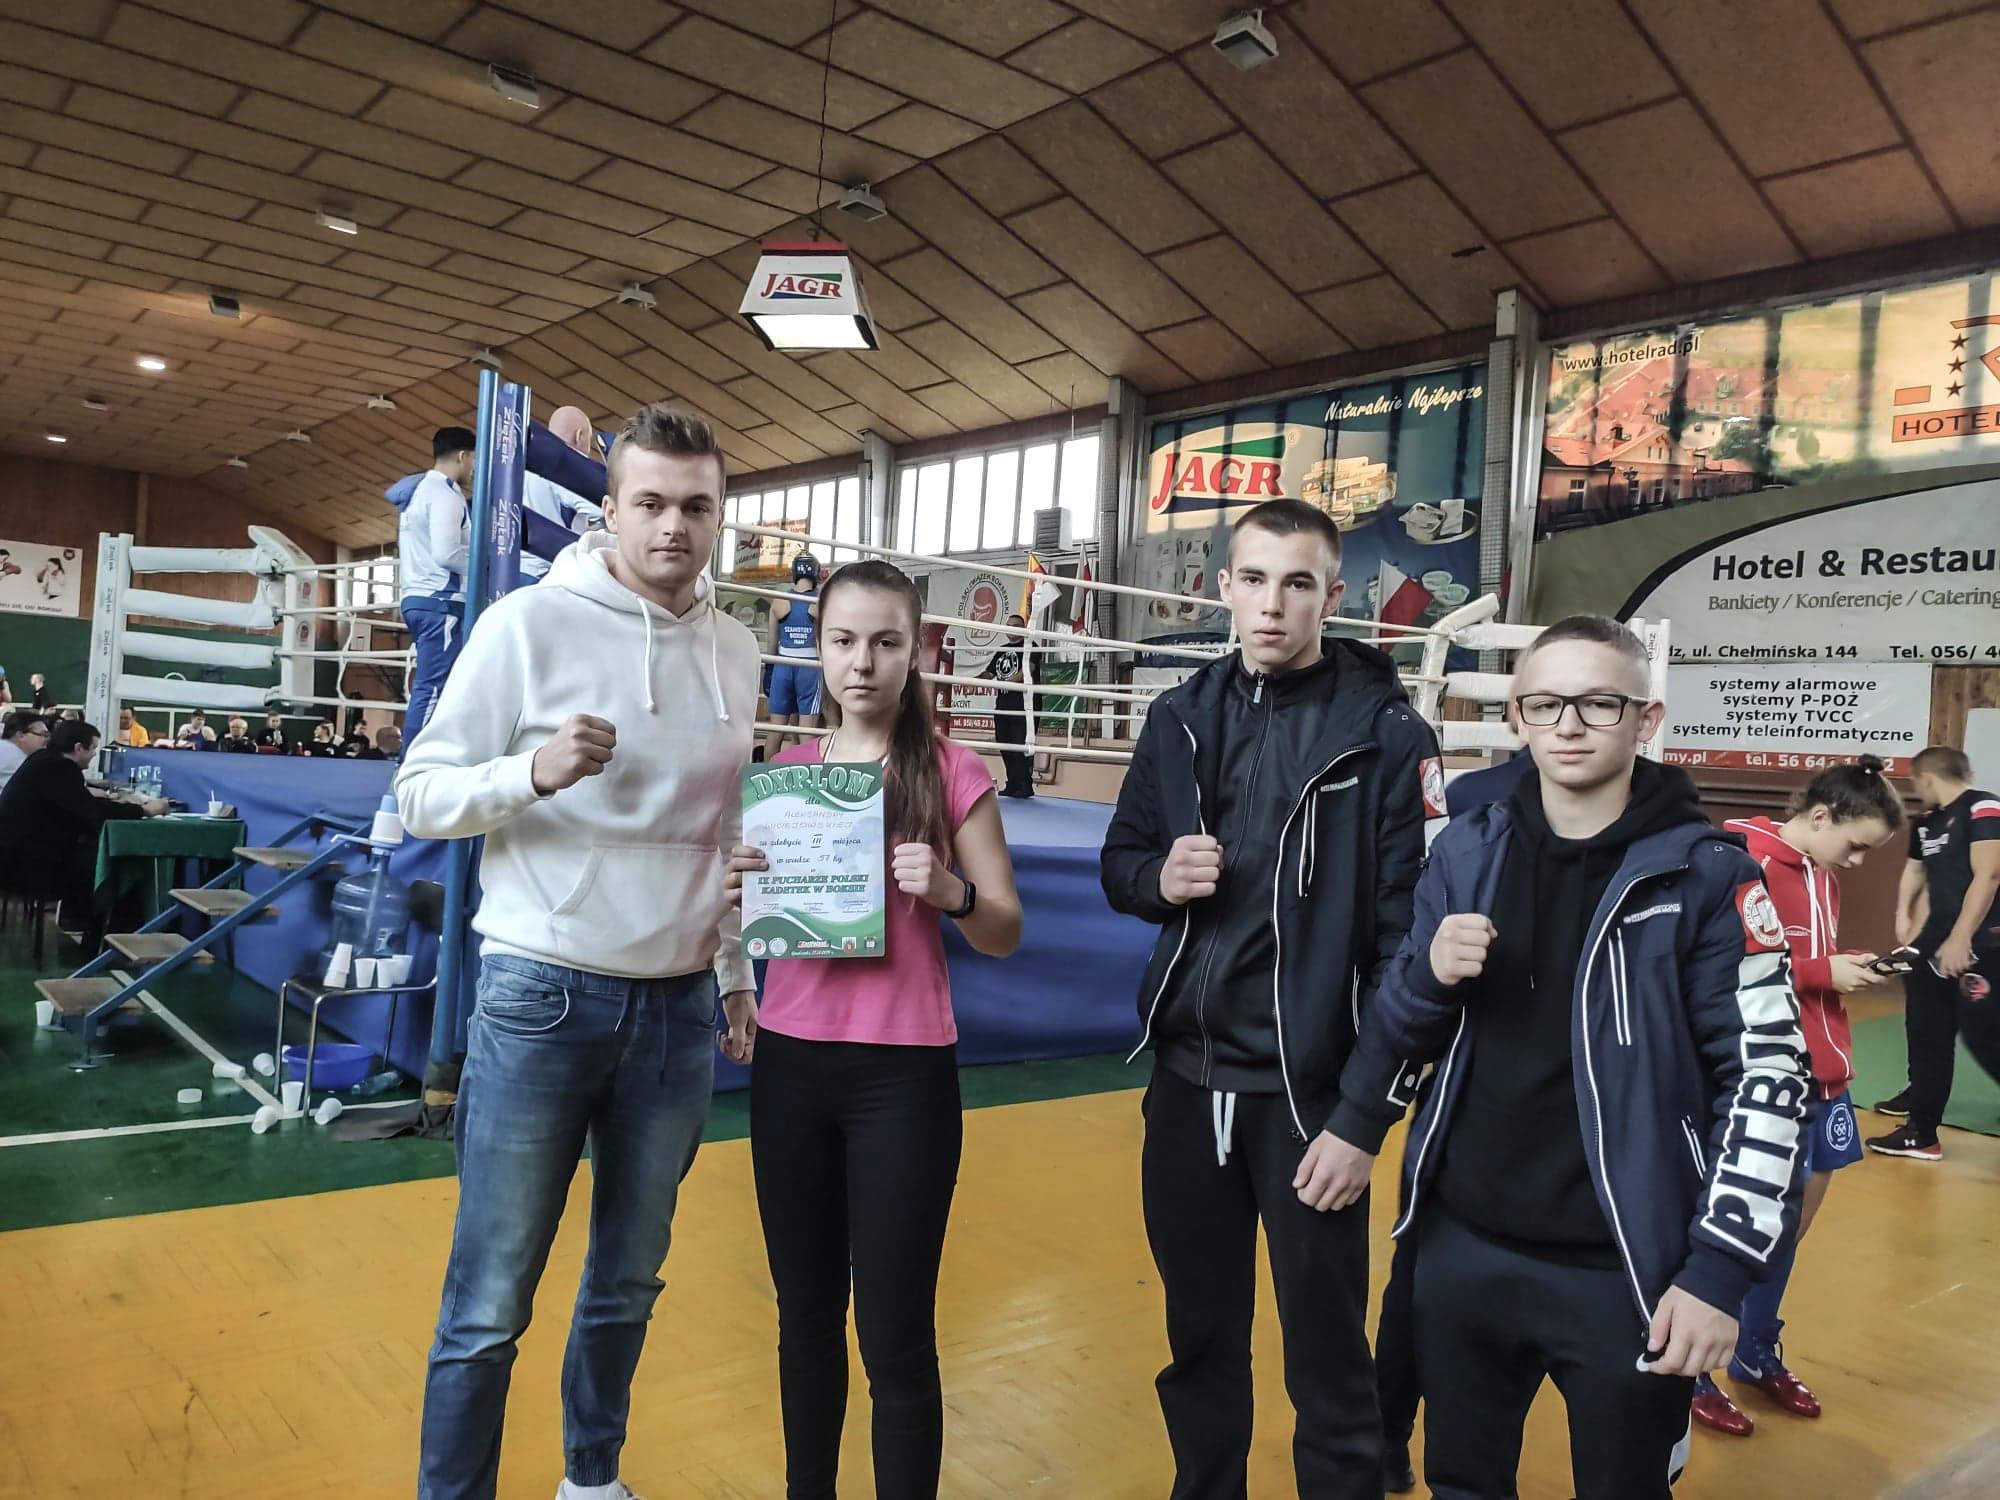 Klub z brązu. Kolejny ważny medal dla Irydy Mielec na Pucharze Polski [FOTO] - Zdjęcie główne